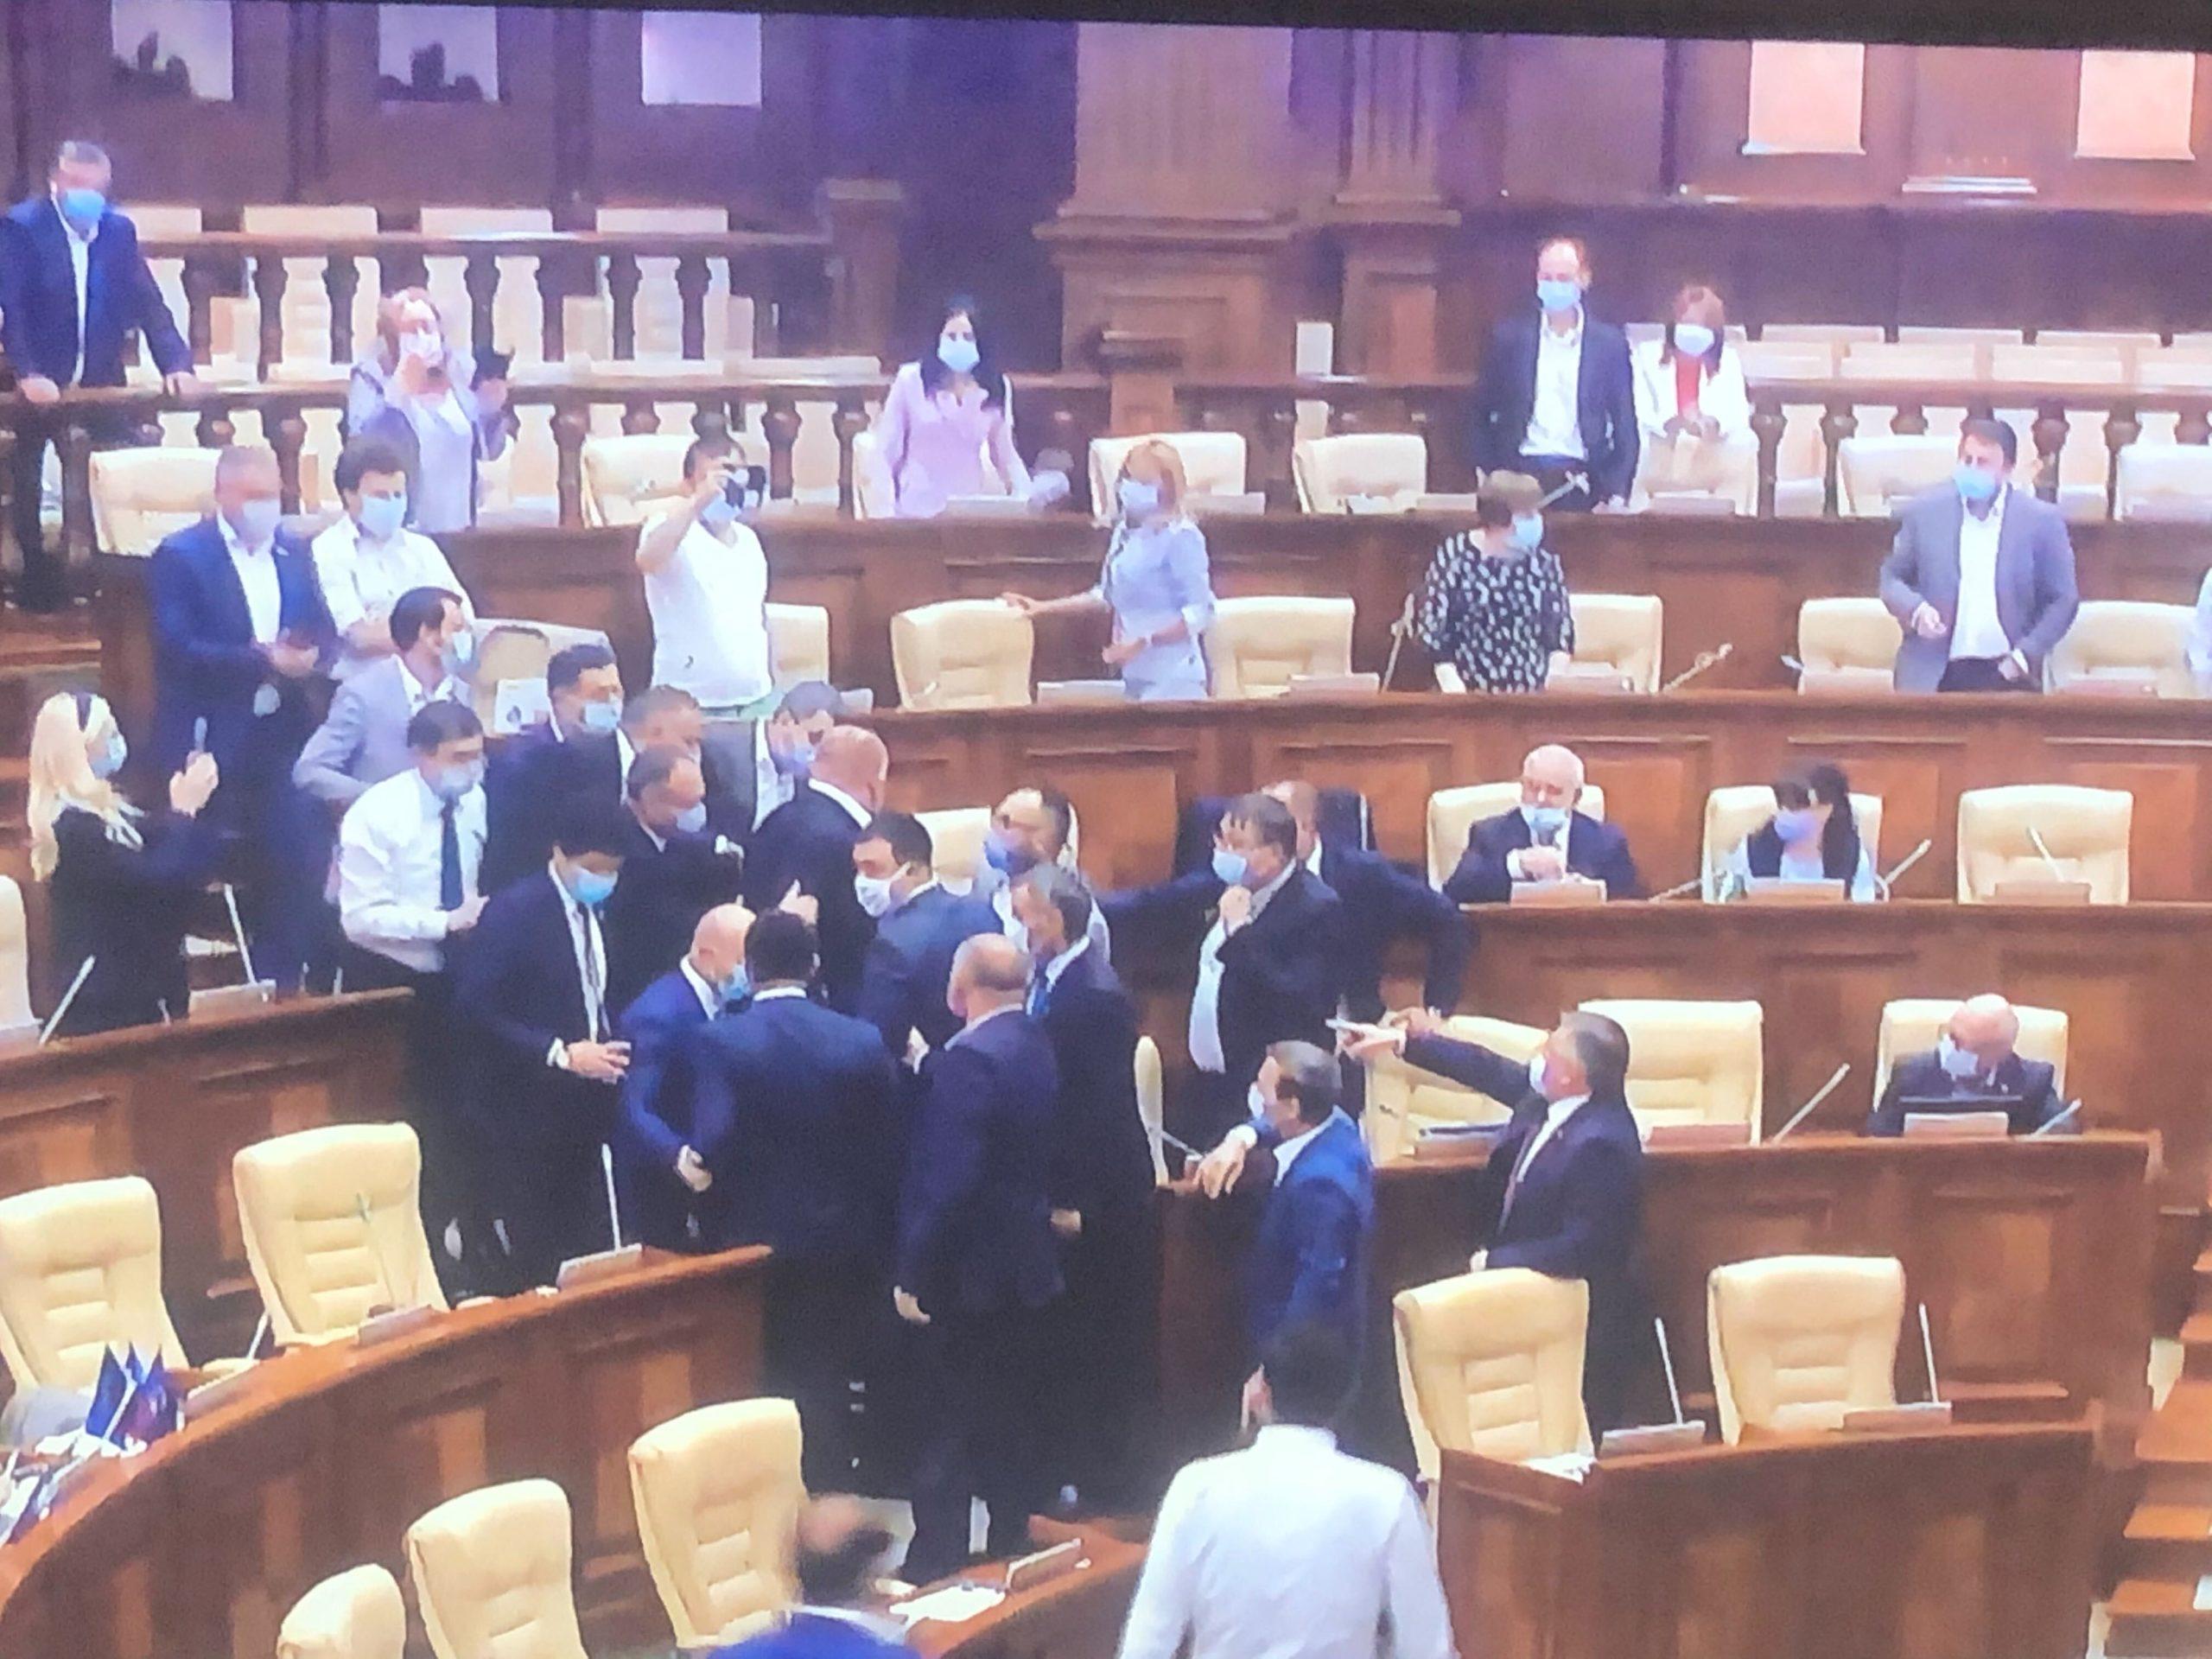 VIDEO Mai mulți deputați, la un pas de încăierare. Președinta legislativului a anunțat o pauză de 30 de minute